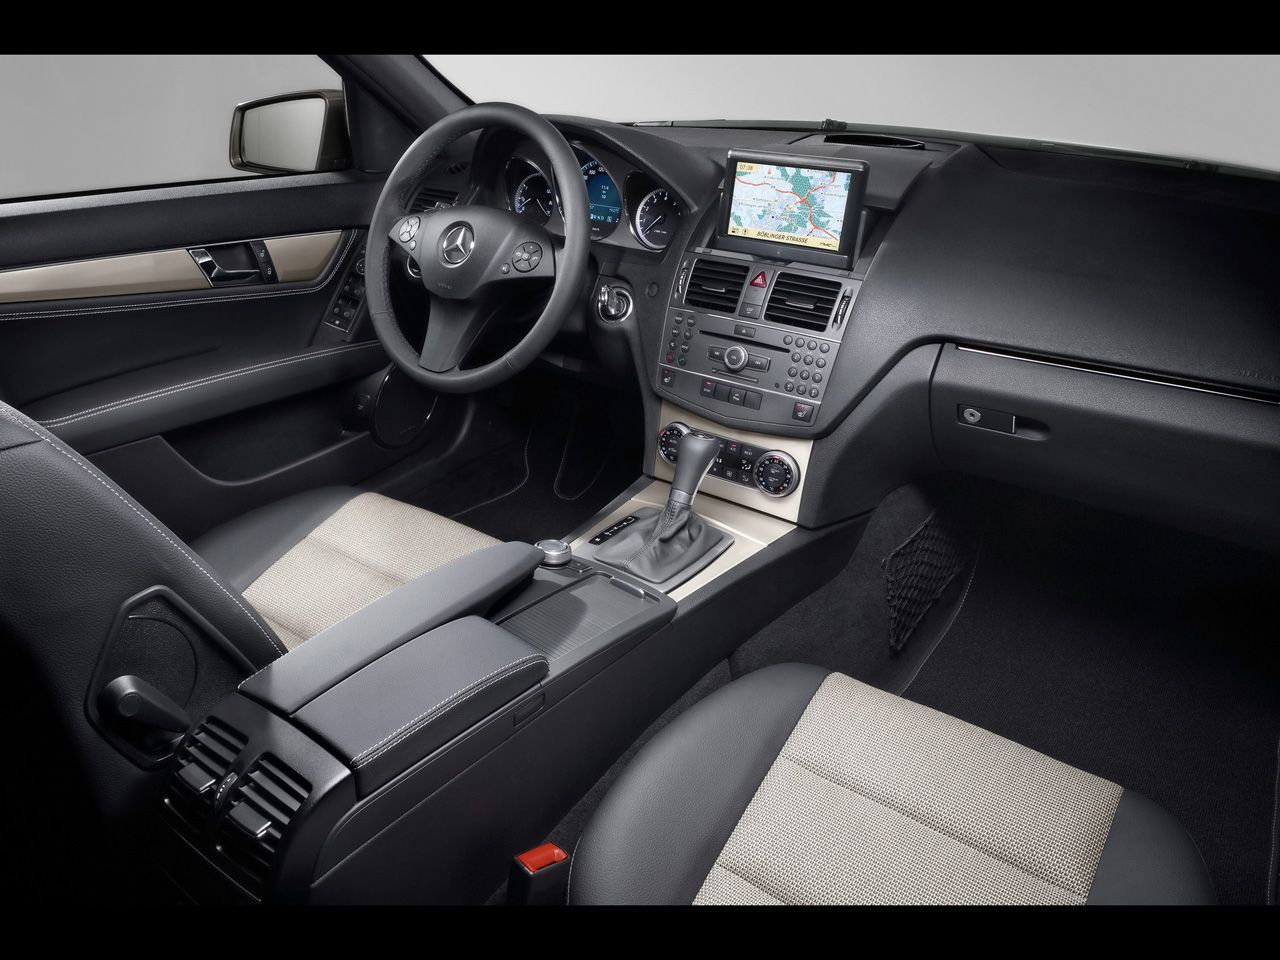 2009 Mercedes Benz C Class Special Edition Mercedes Benz